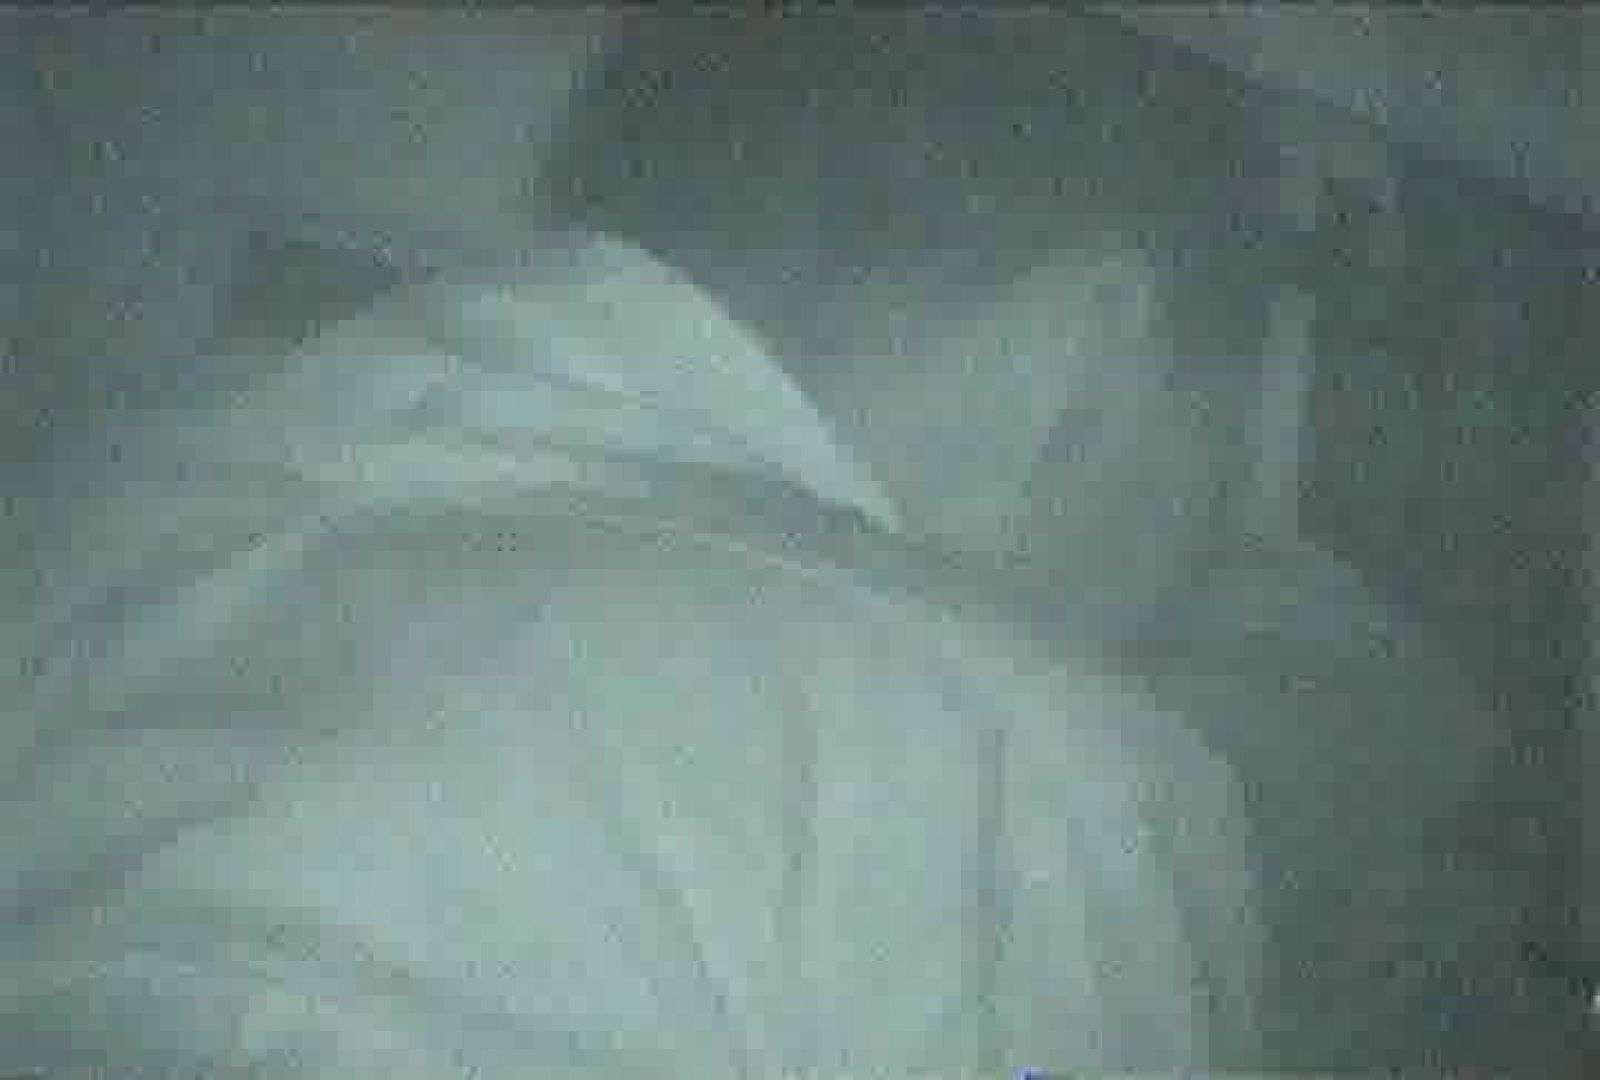 充血監督の深夜の運動会Vol.85 セックス | OLヌード天国  50PIX 16